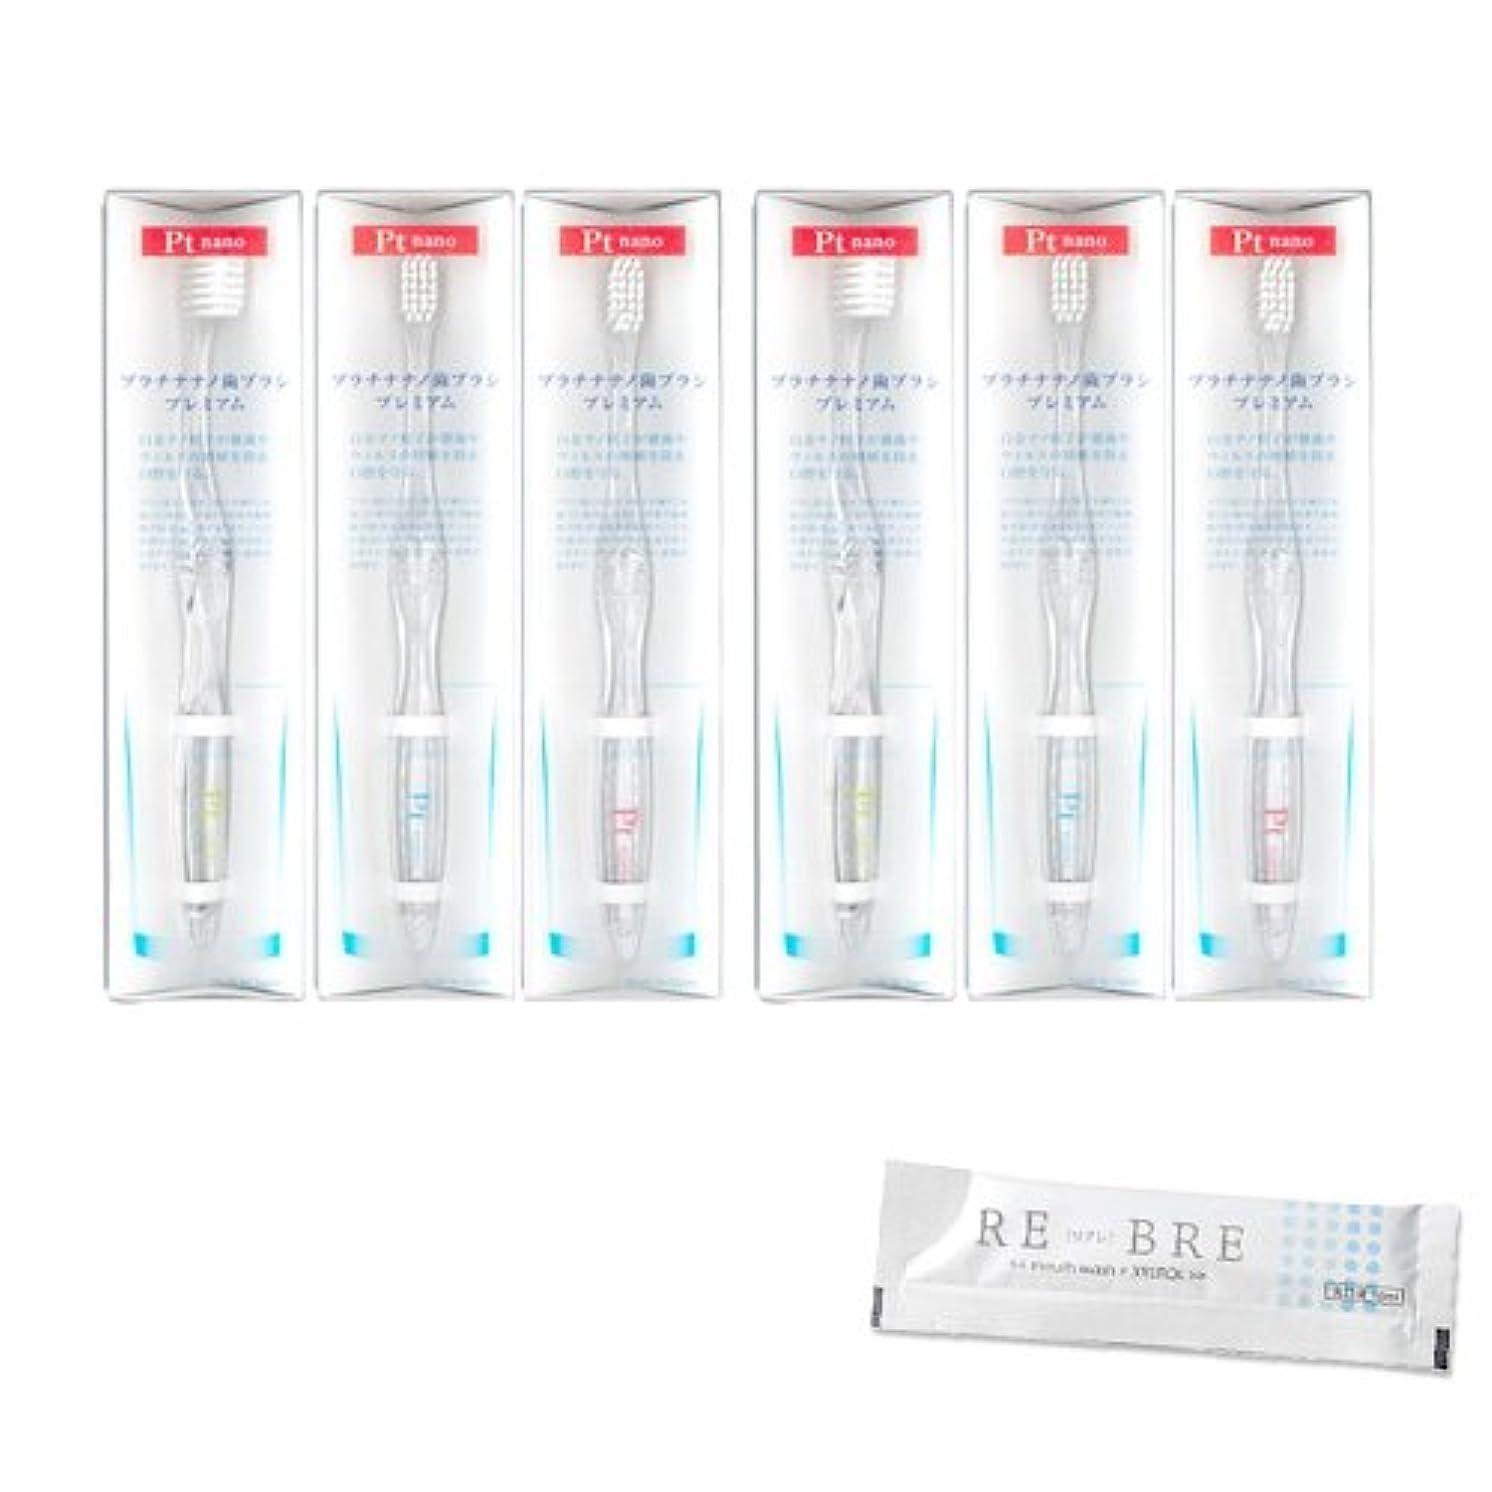 息苦しいつらい素晴らしい良い多くのプラチナナノ歯ブラシ プレミアム 3本 フルセット (赤 x 青 x 緑) ×2セット(計6本) + RE-BRE(リブレ) セット